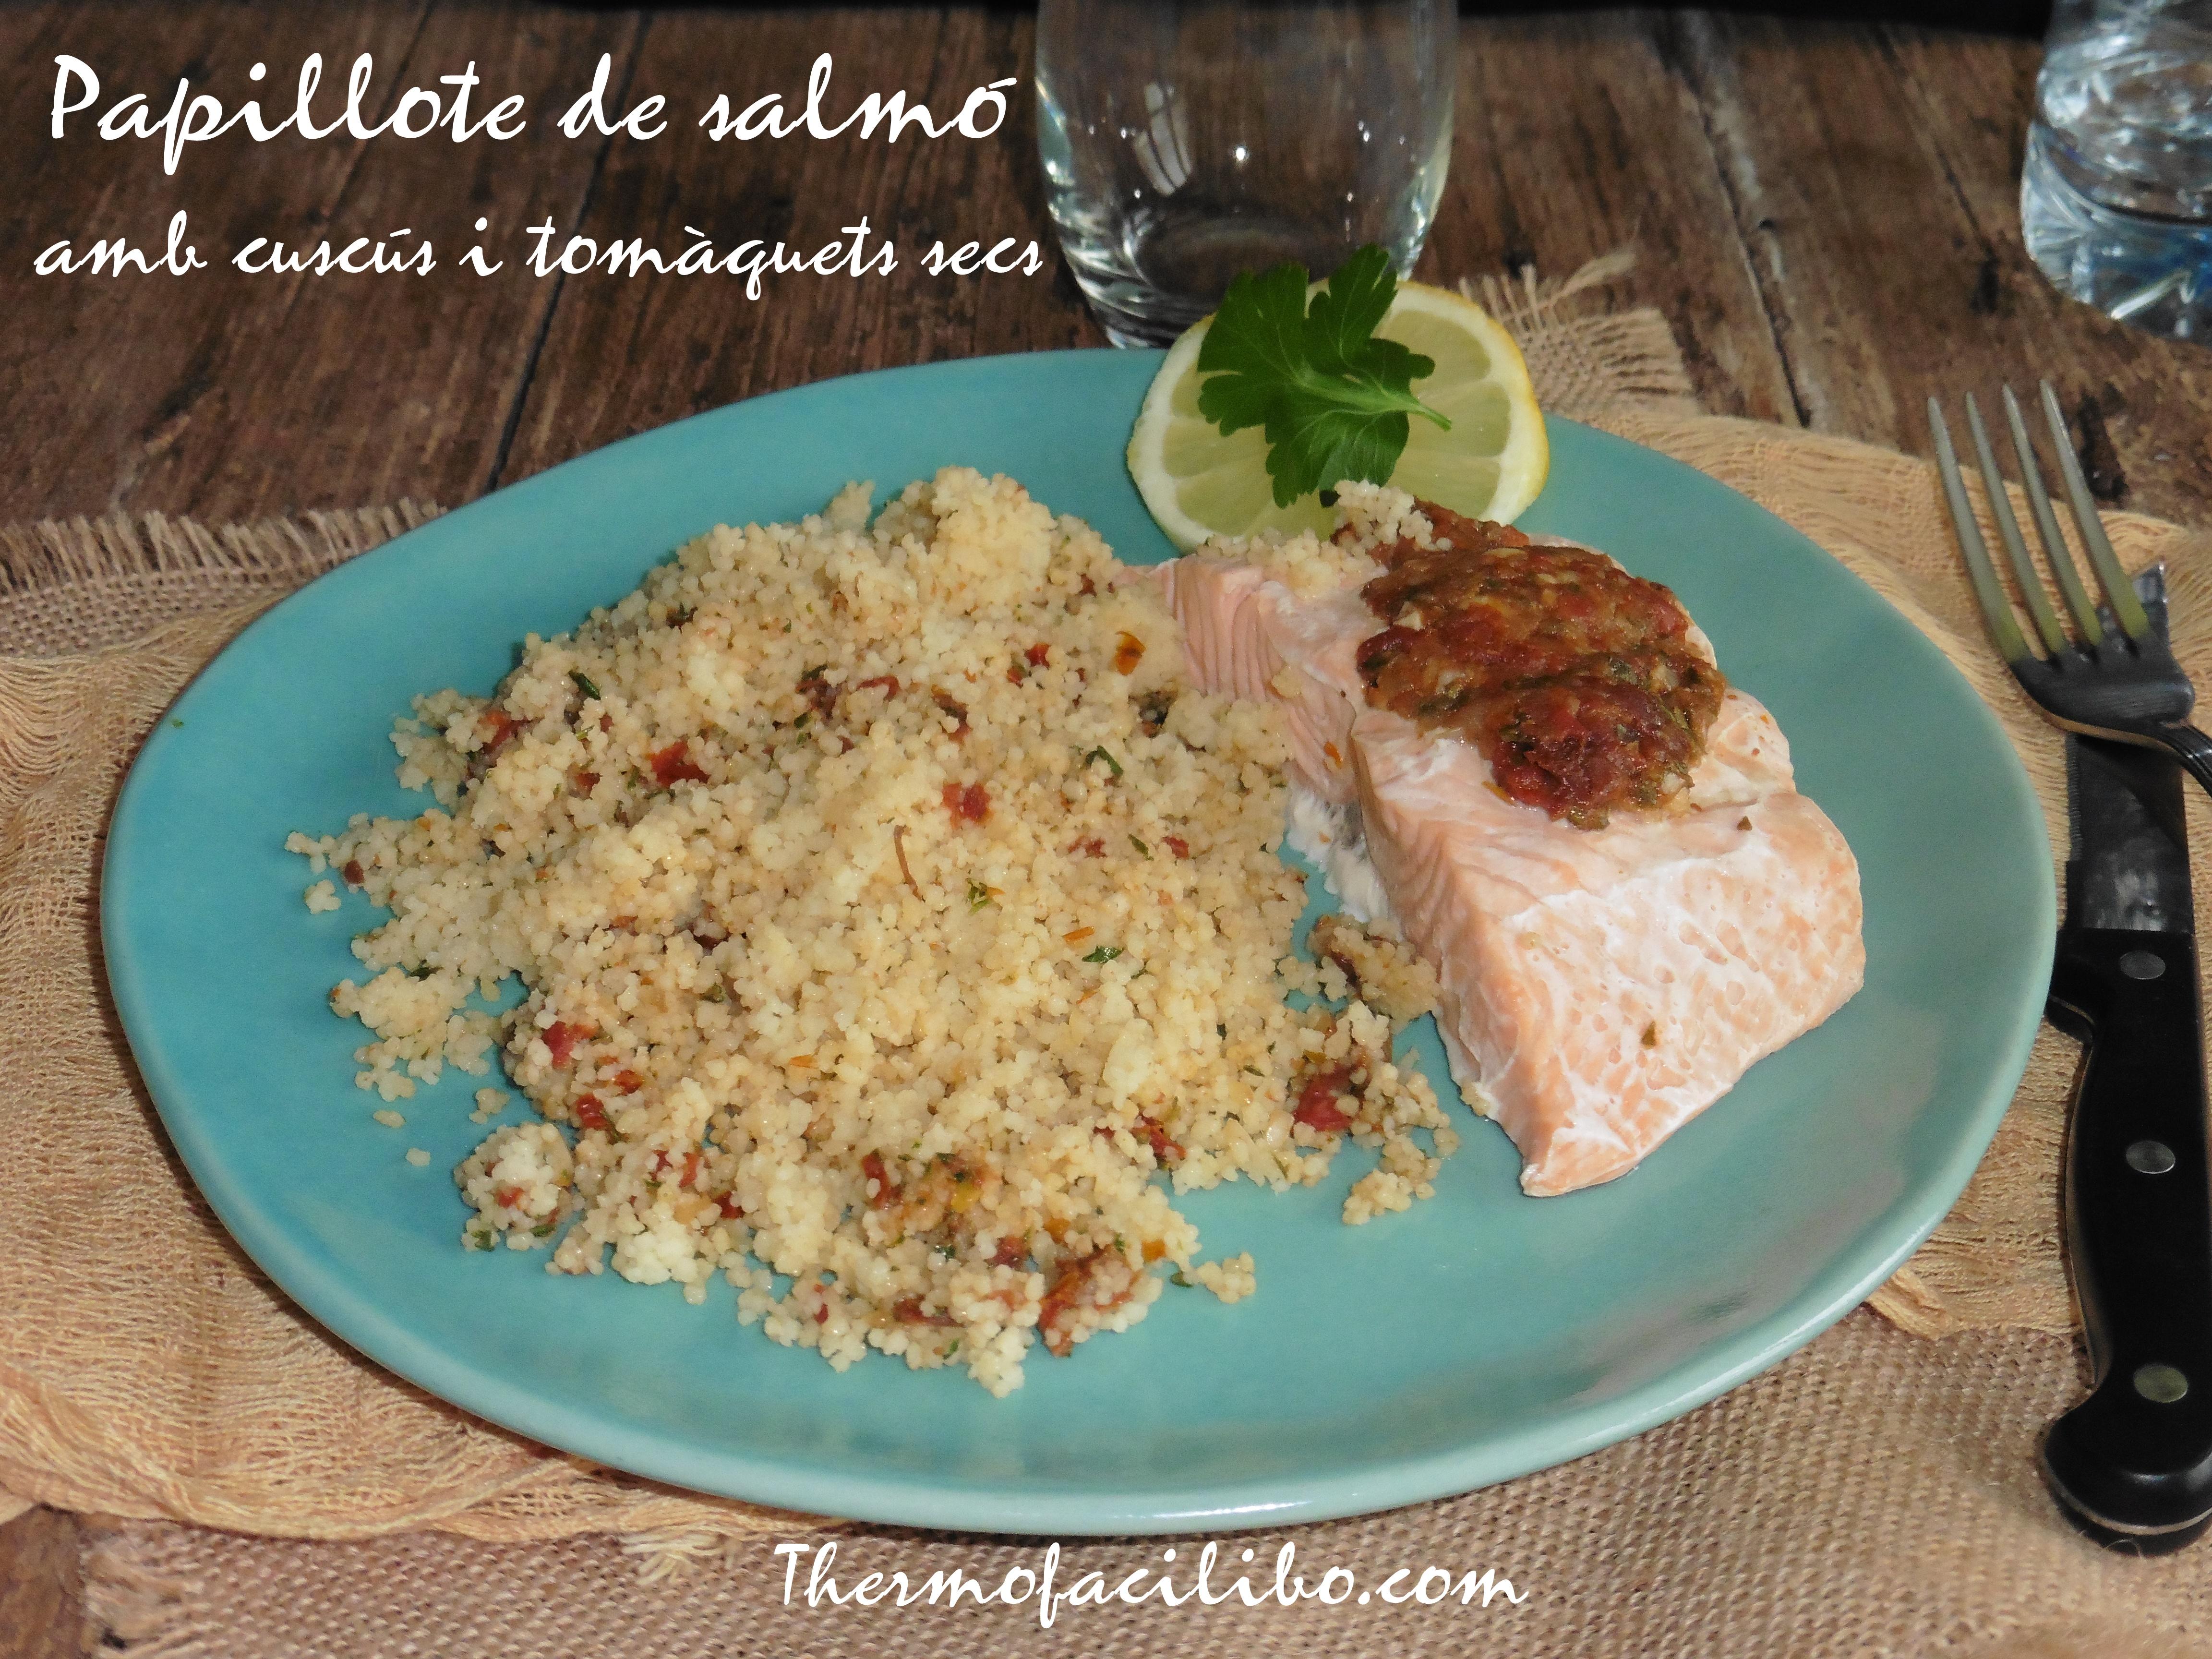 Papillote de salmó amb cuscús i tomàquets secs